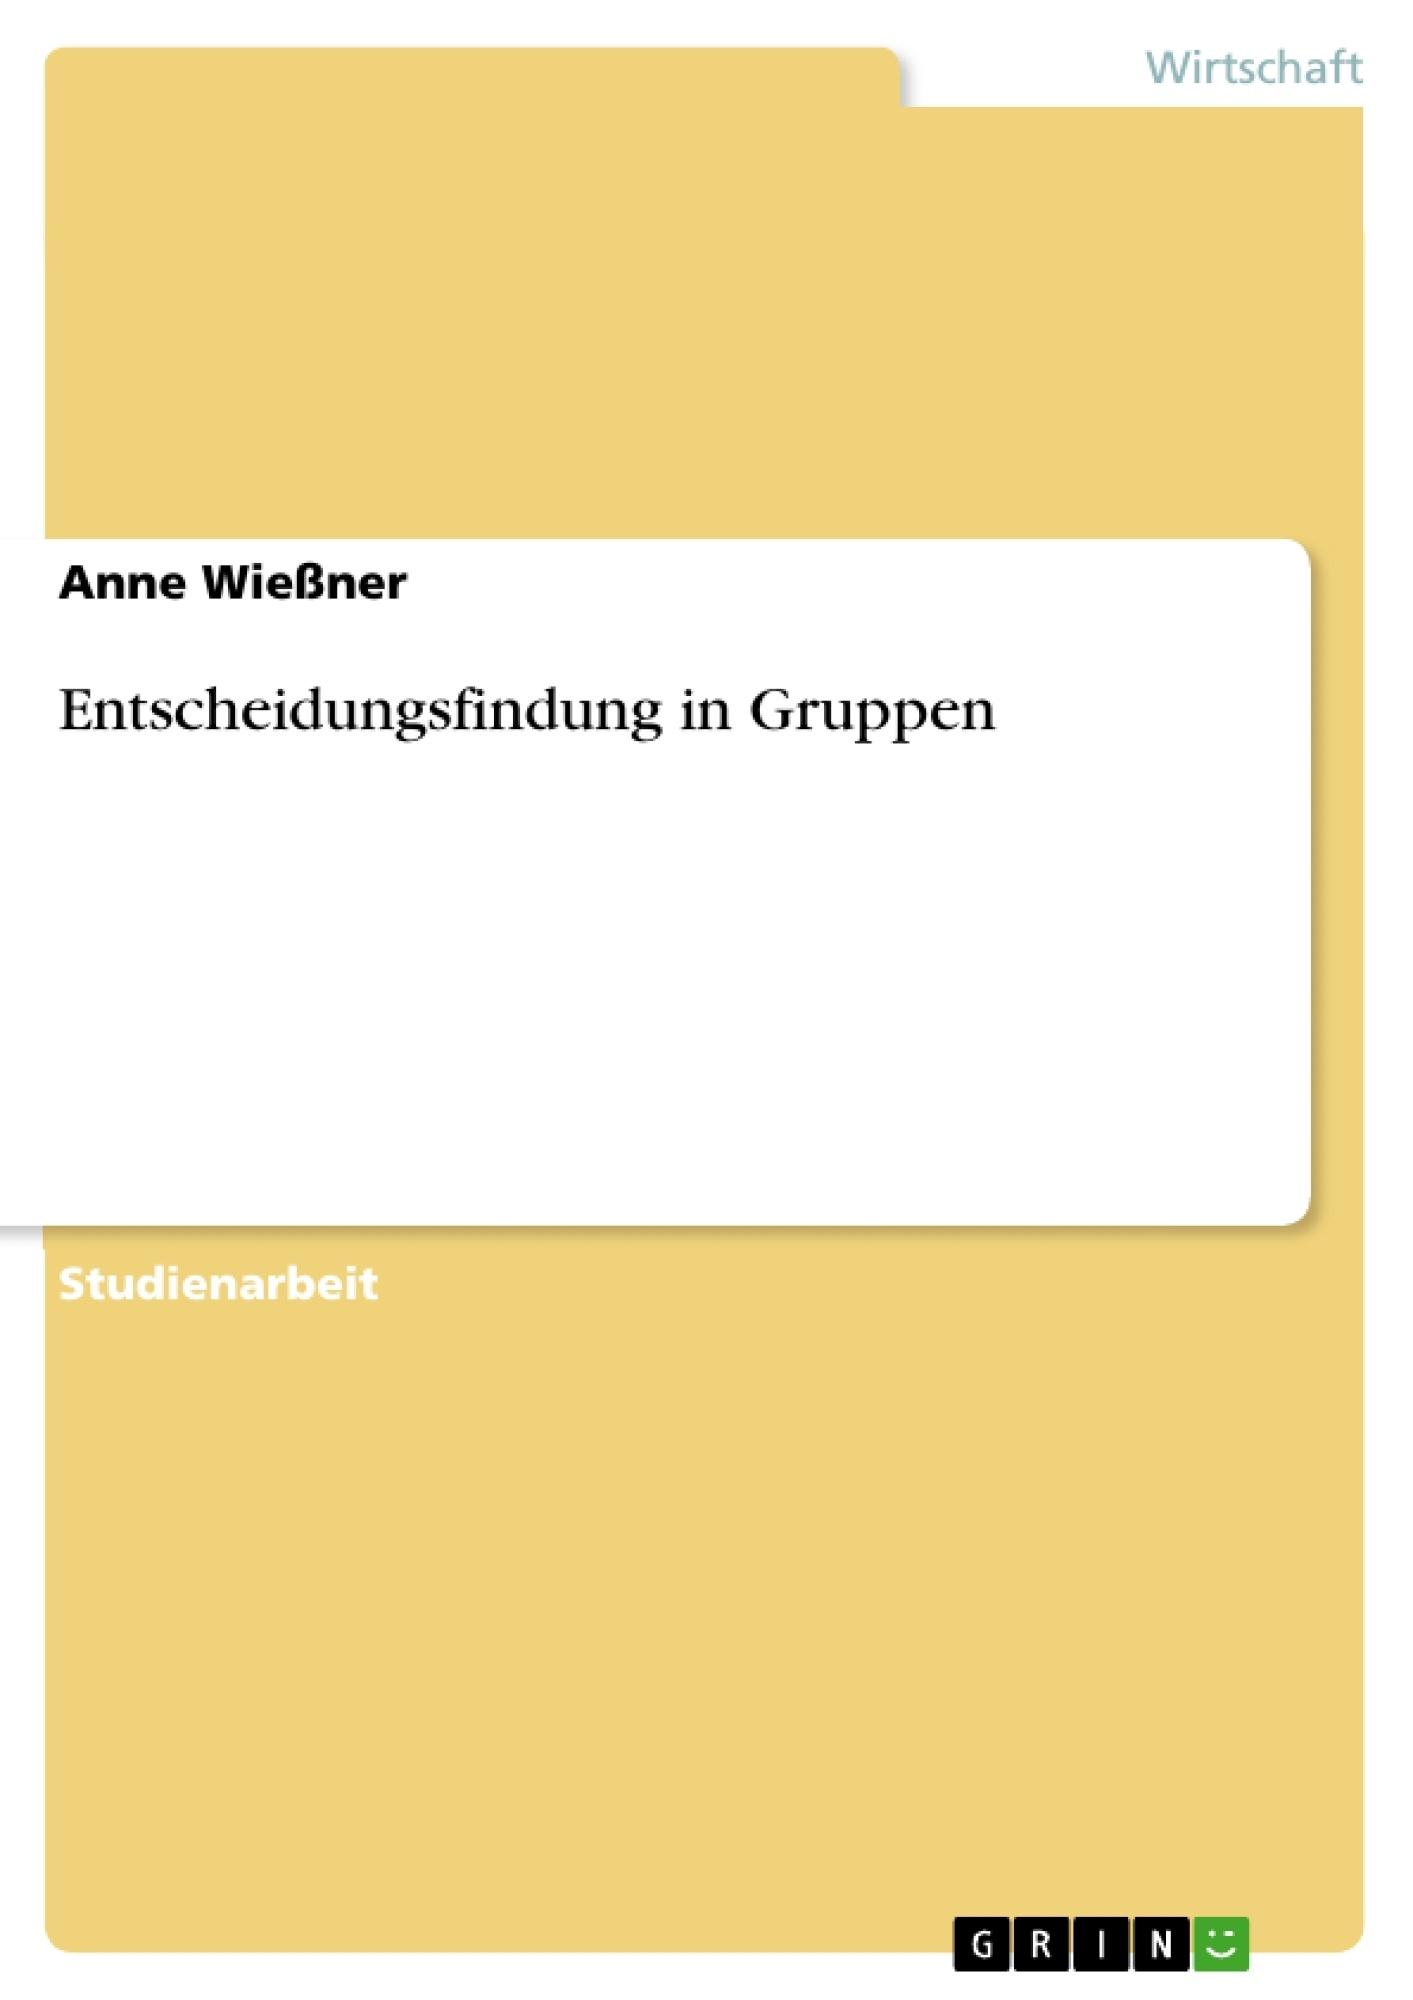 Titel: Entscheidungsfindung in Gruppen